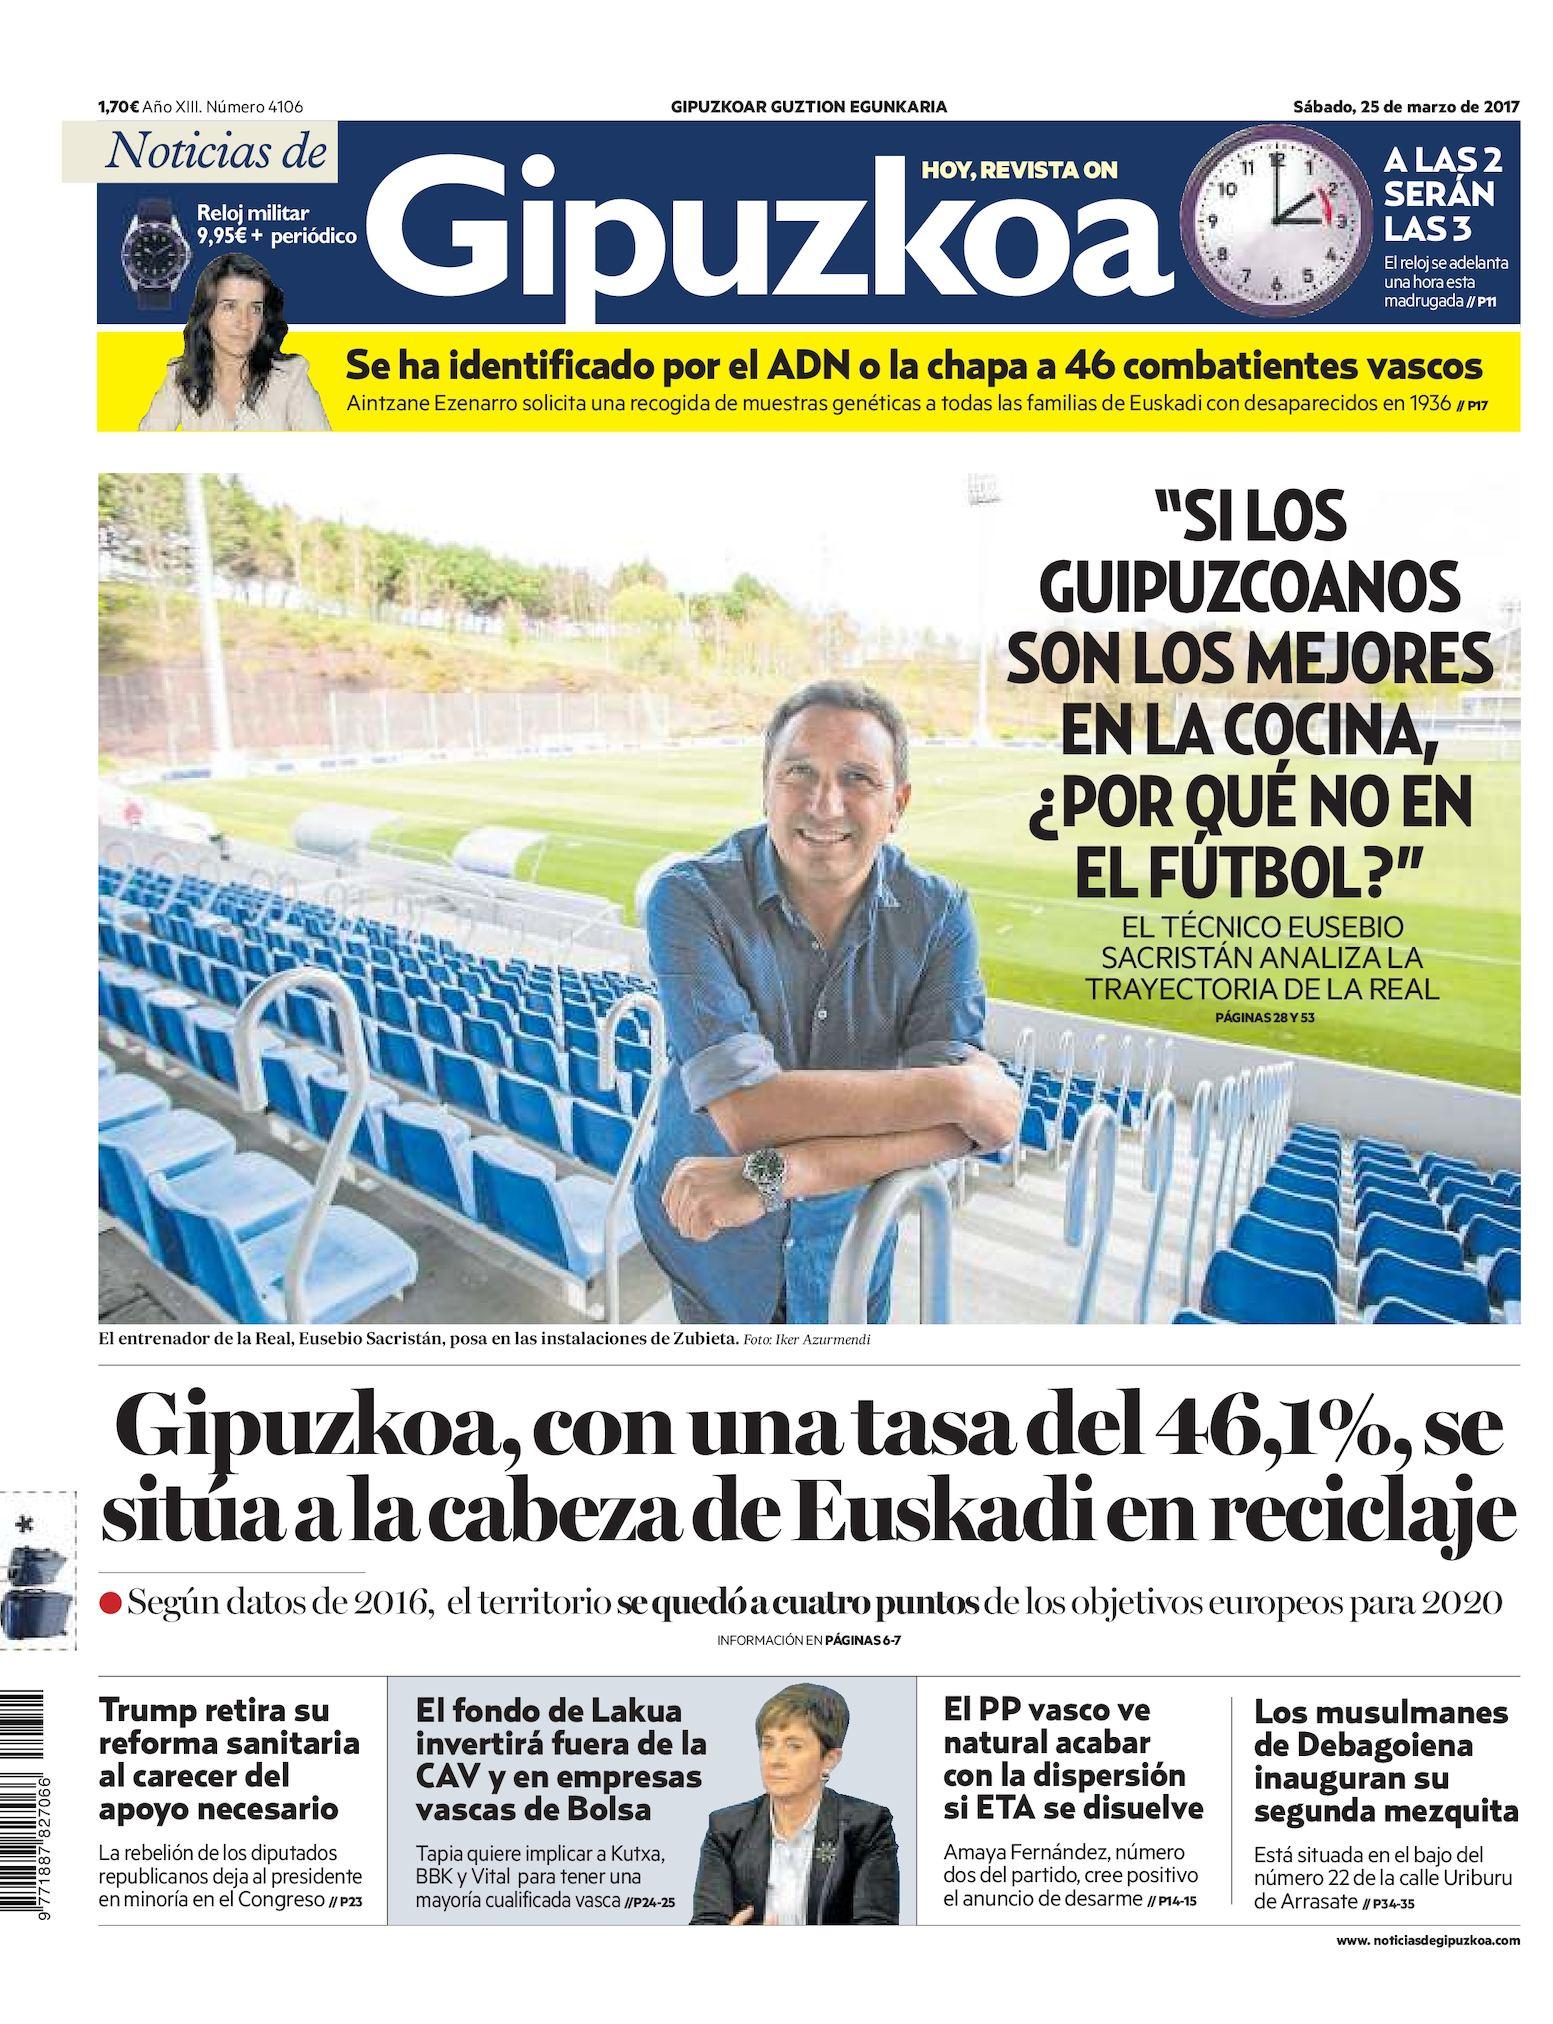 40071e76f5 Calaméo - Noticias de Gipuzkoa 20170325